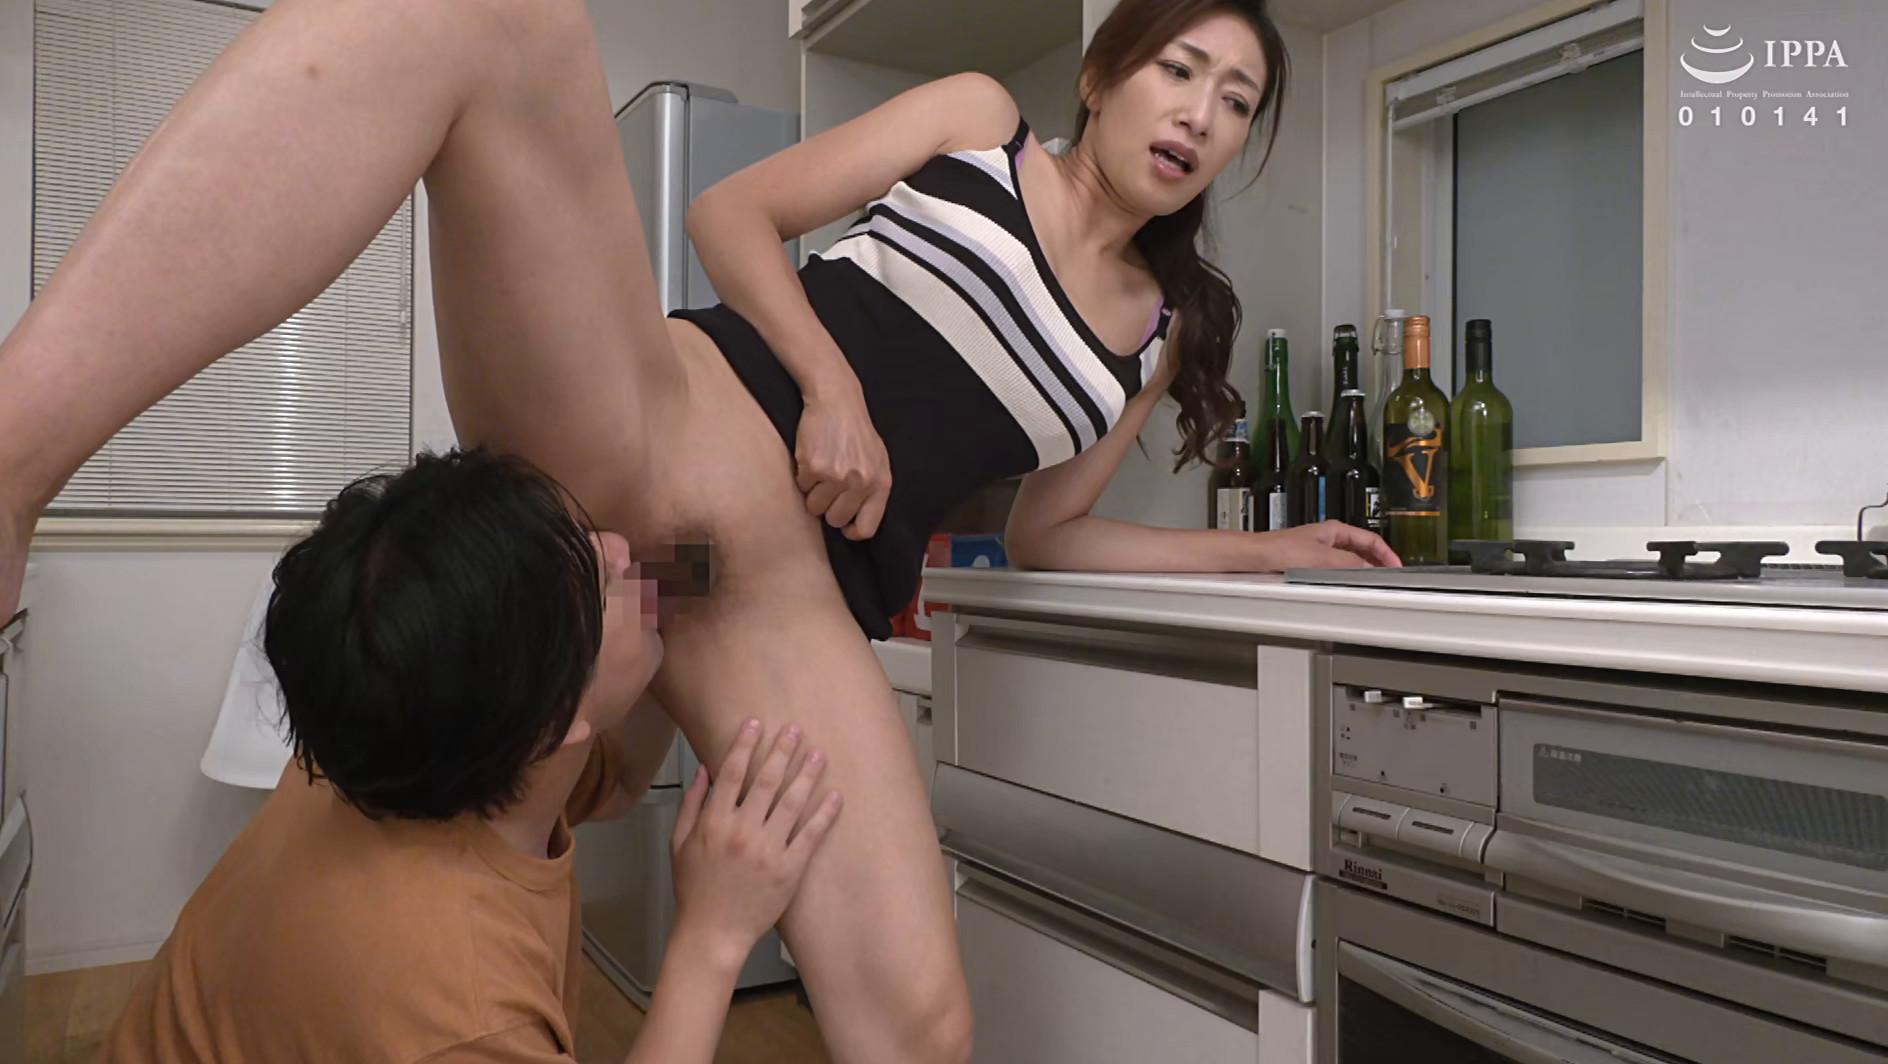 偶然見てしまったおばさんの裸体が目に焼き付いて・・・あの日からおばさんが服を着ていても全裸に見えてしまう僕 小早川怜子 画像19